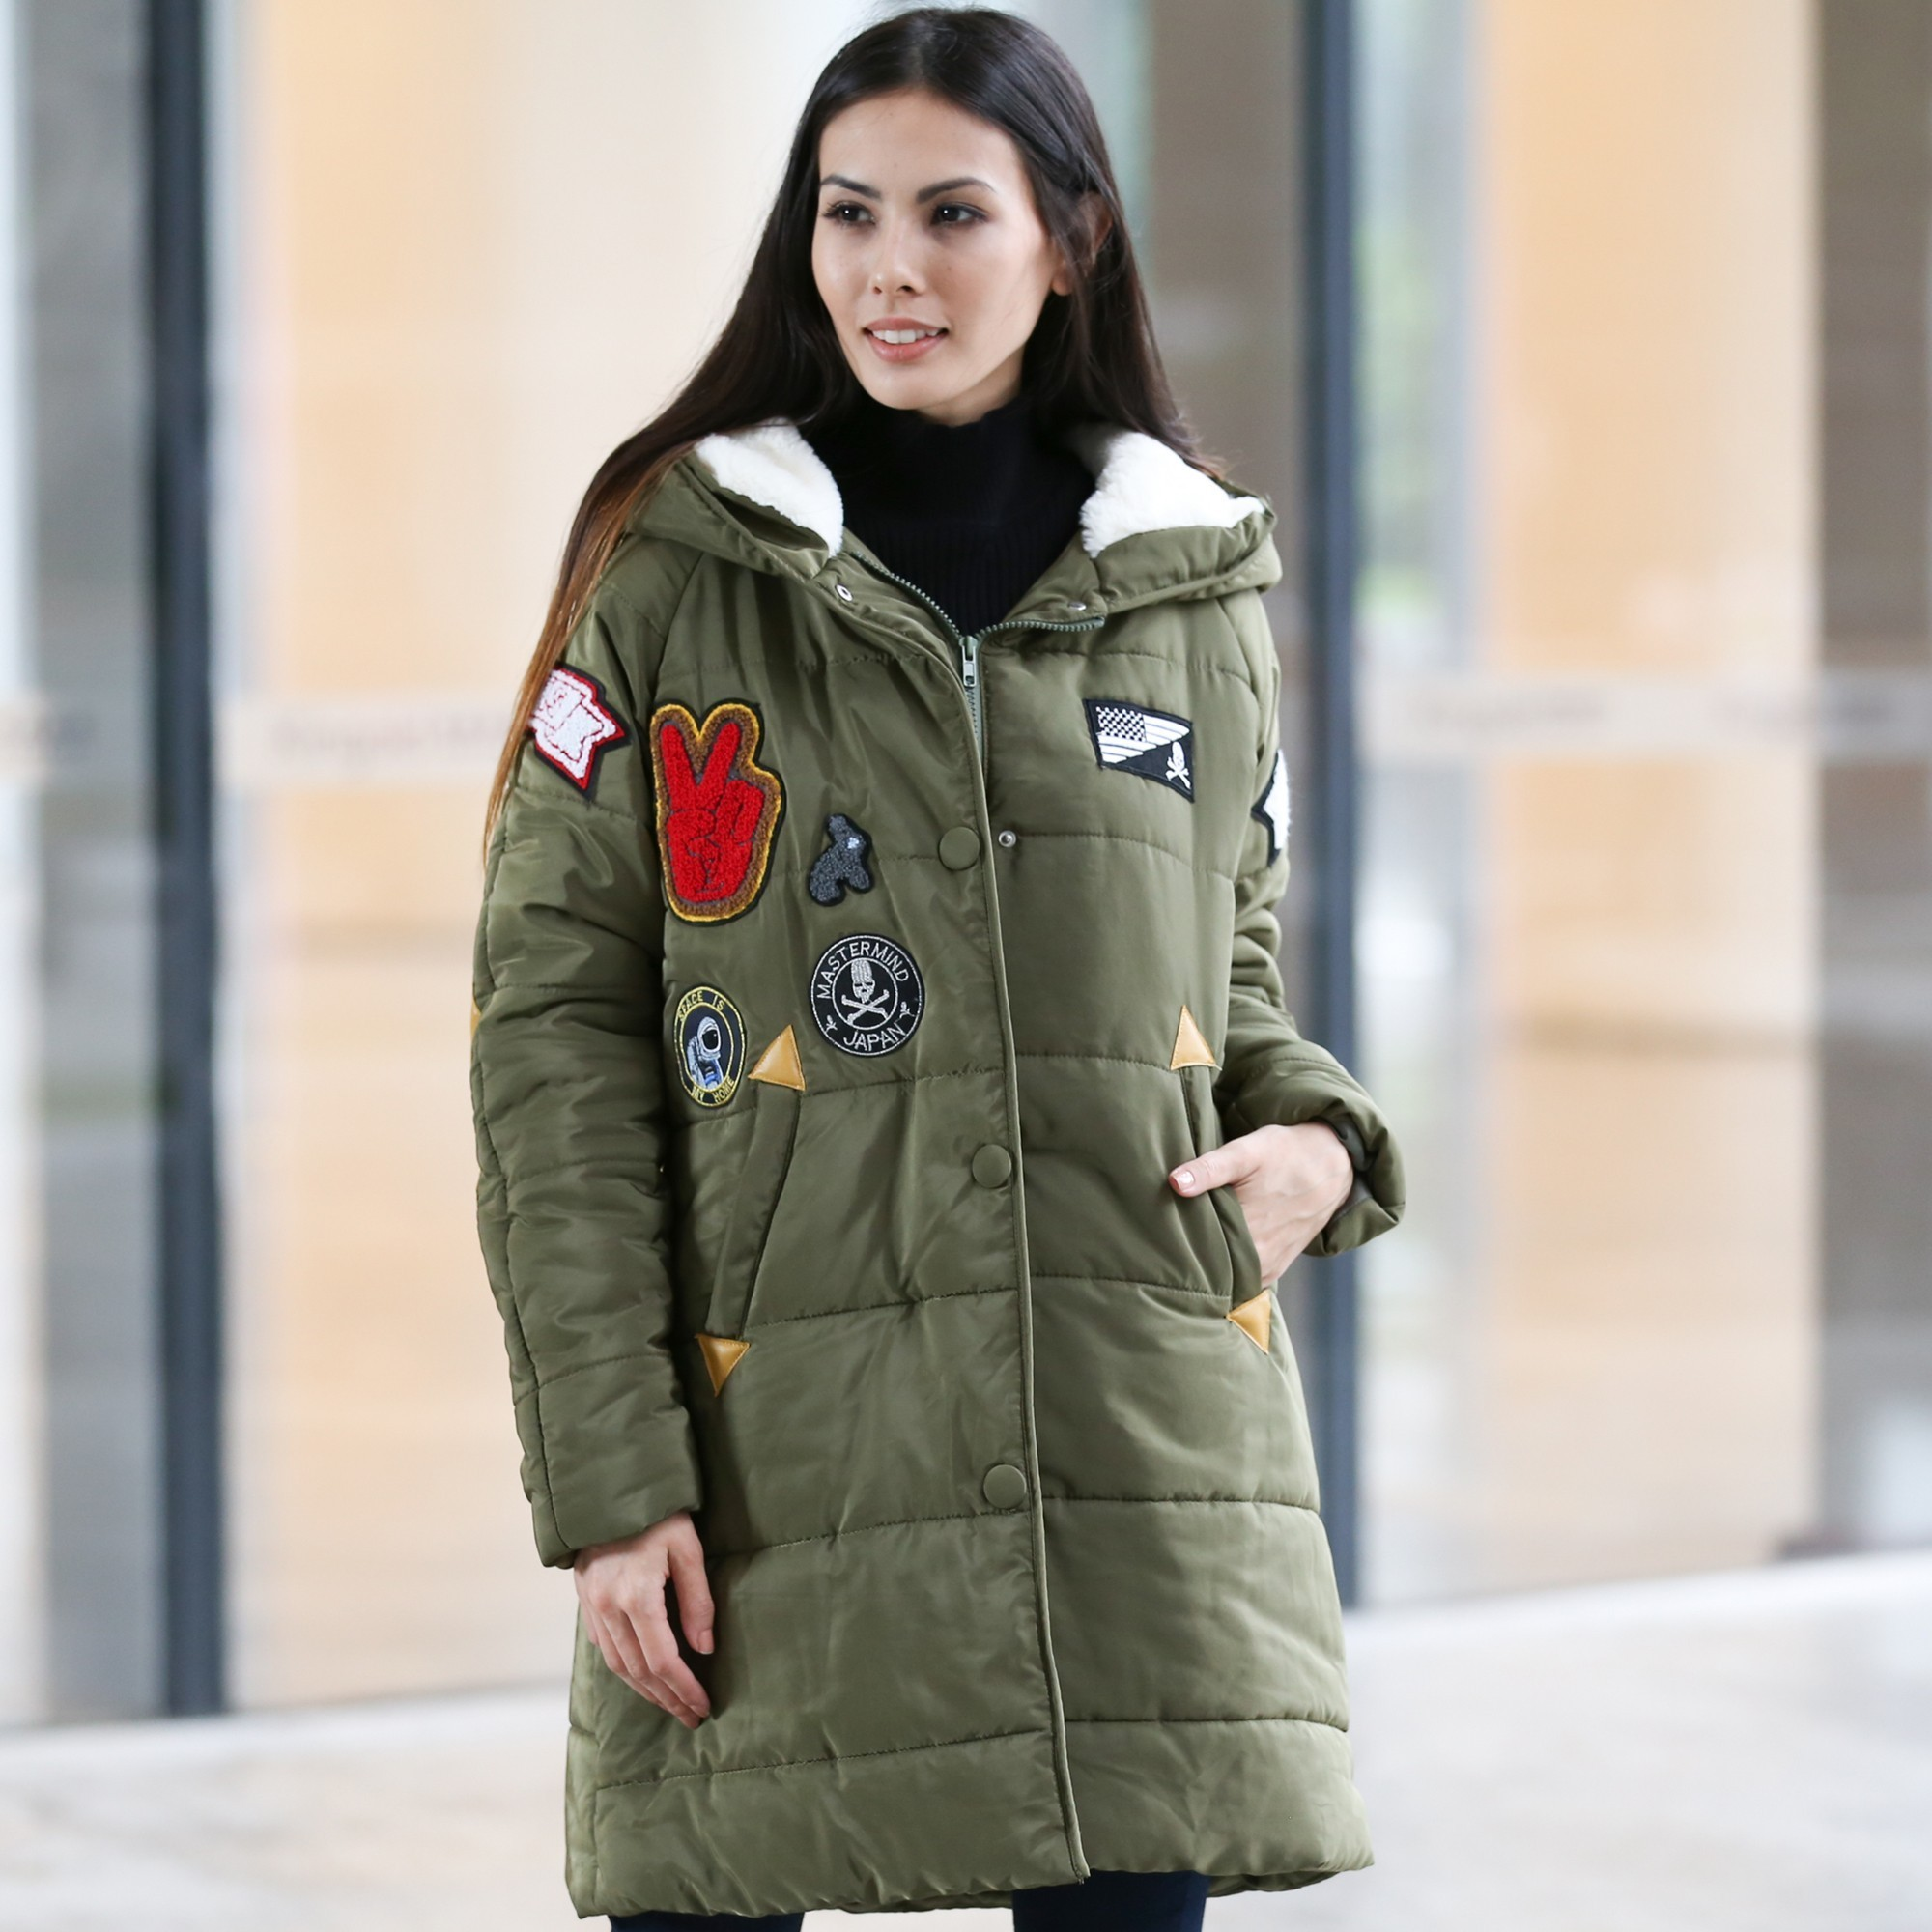 Джинсы женские 2019 года модные тенденции фото весна лето изоражения